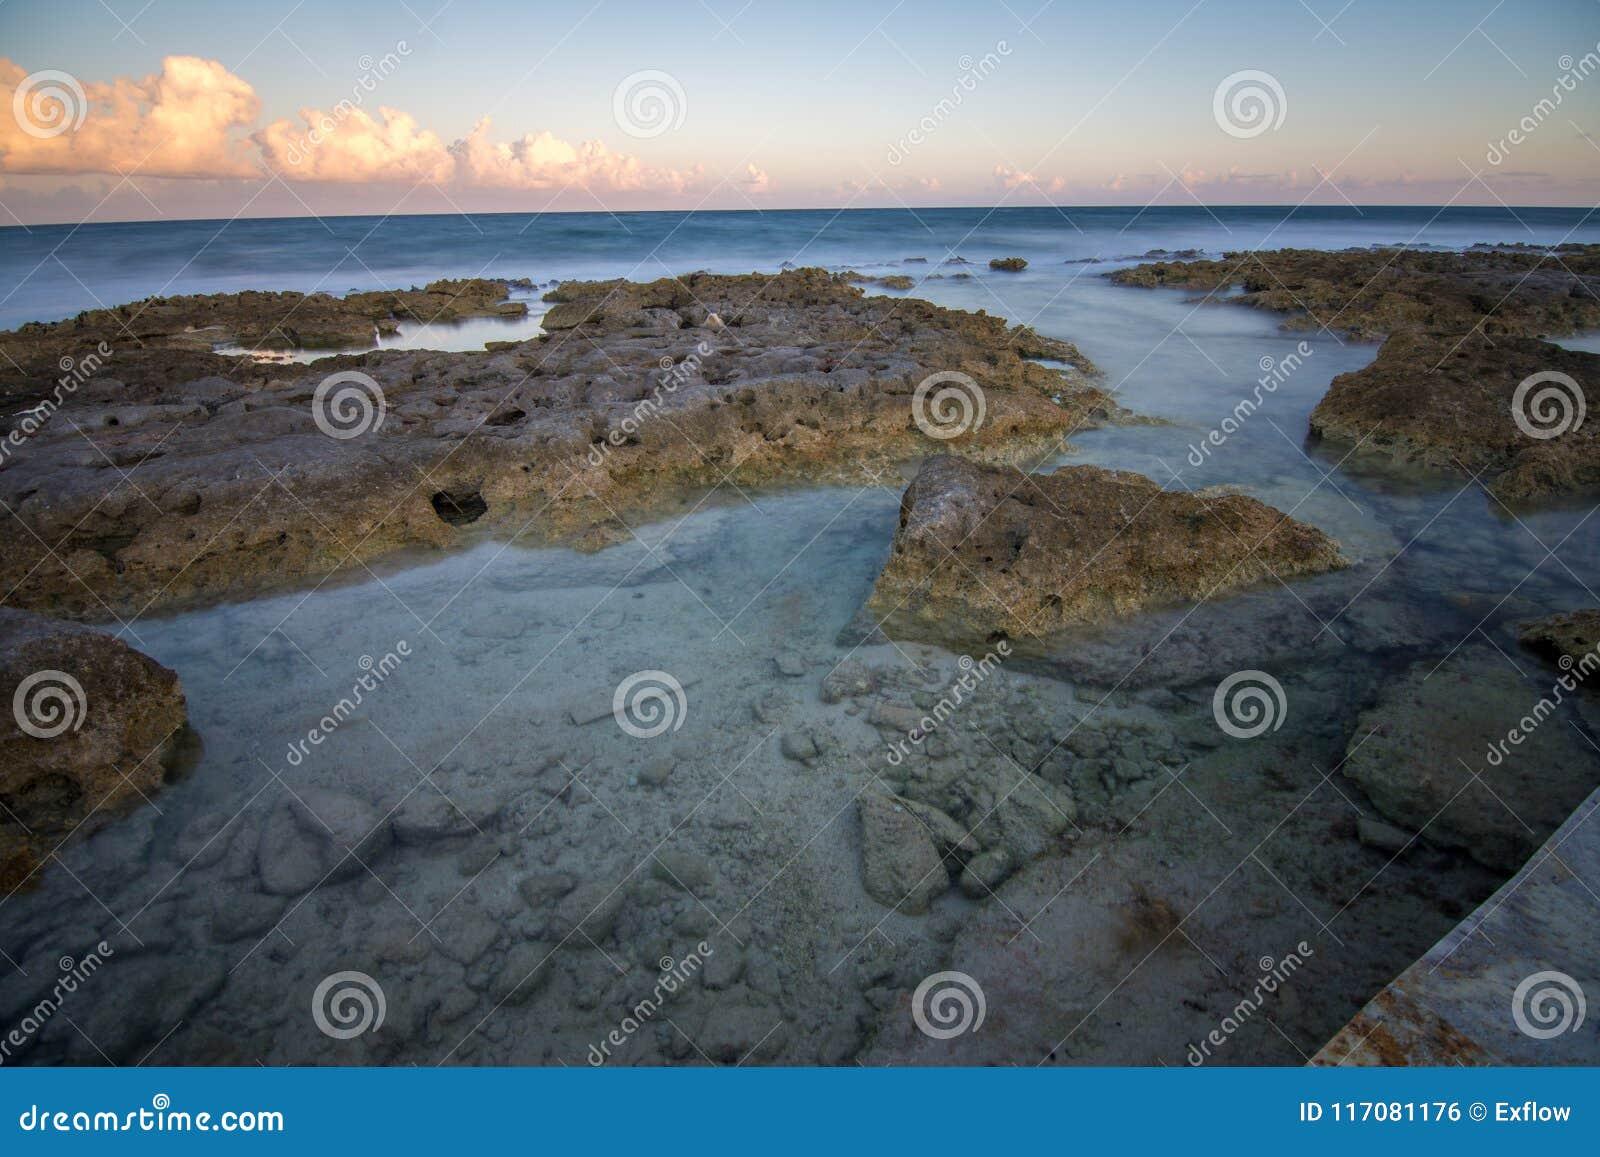 Παραλία στο riviera maya κοντά σε Cancun και Tulum στο Μεξικό σε έναν ηλιόλουστο